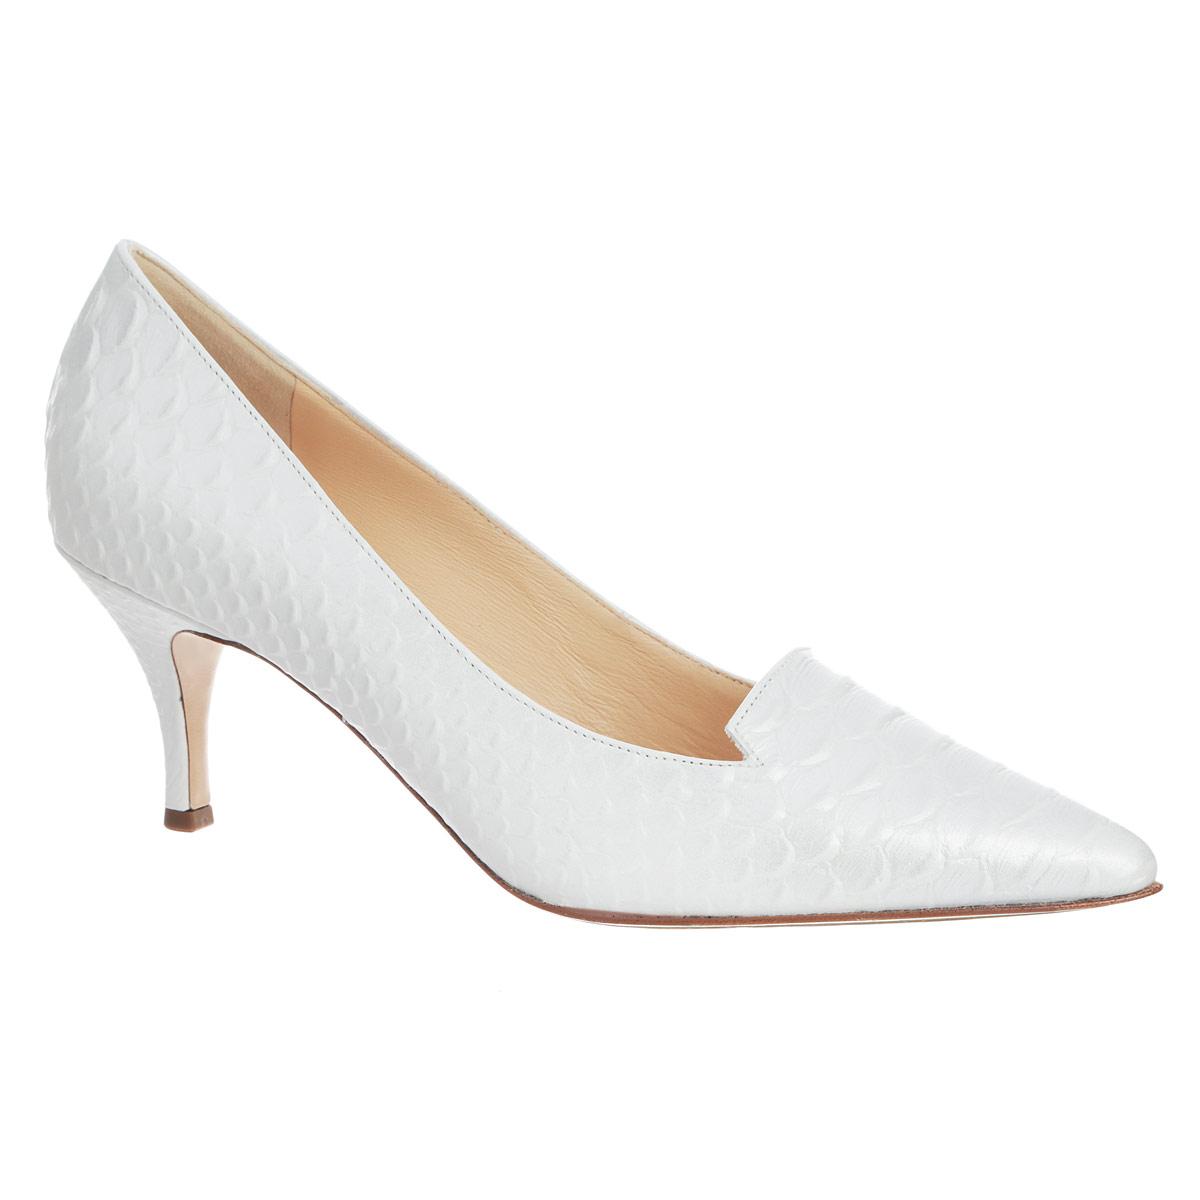 Туфли женские. 9106625760091066257600Оригинальные женские туфли от Hogl заинтересуют вас своим дизайном! Модель выполнена из натуральной высококачественной кожи и оформлена тиснением под рептилию , небольшими вырезами на подъеме. Заостренный вытянутый носок смотрится невероятно женственно. Подкладка и стелька из натуральной кожи обеспечивают максимальный комфорт при ходьбе. Невысокий каблук дополнен противоскользящим рифлением. В таких туфлях вашим ногам будет уютно и комфортно! Они эффектно дополнят ваш повседневный образ.